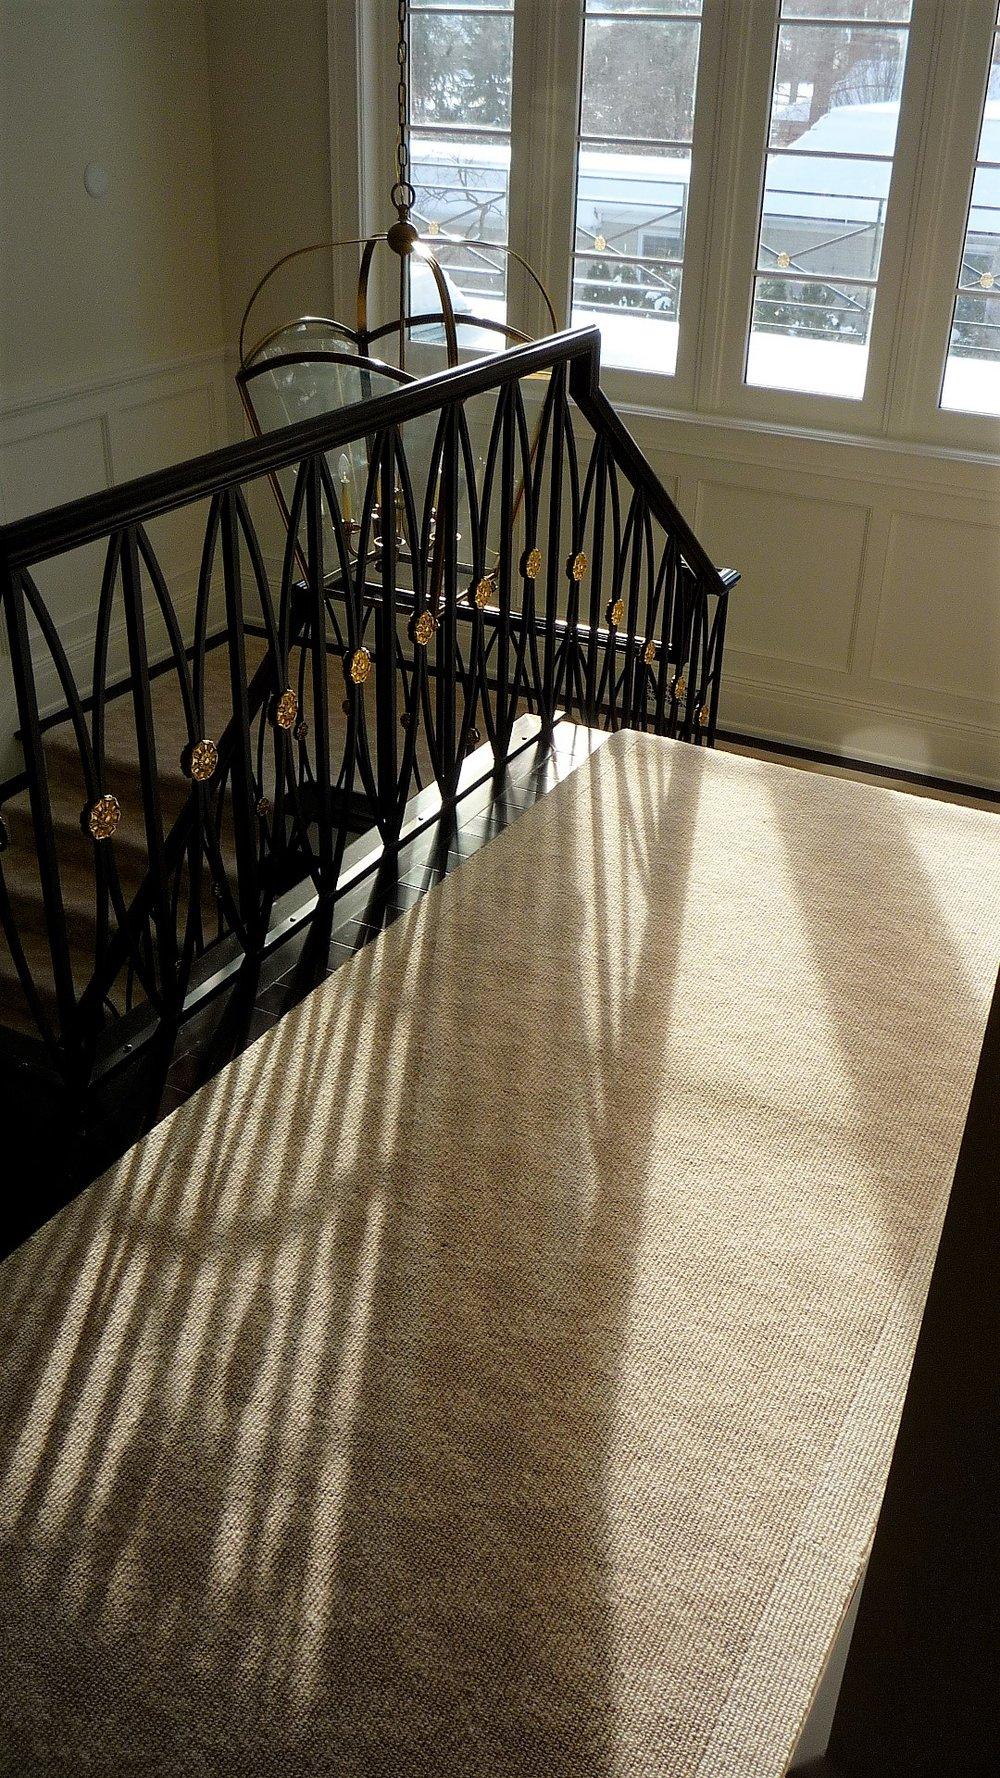 Living area hardwood stairs carpet runner white.jpg